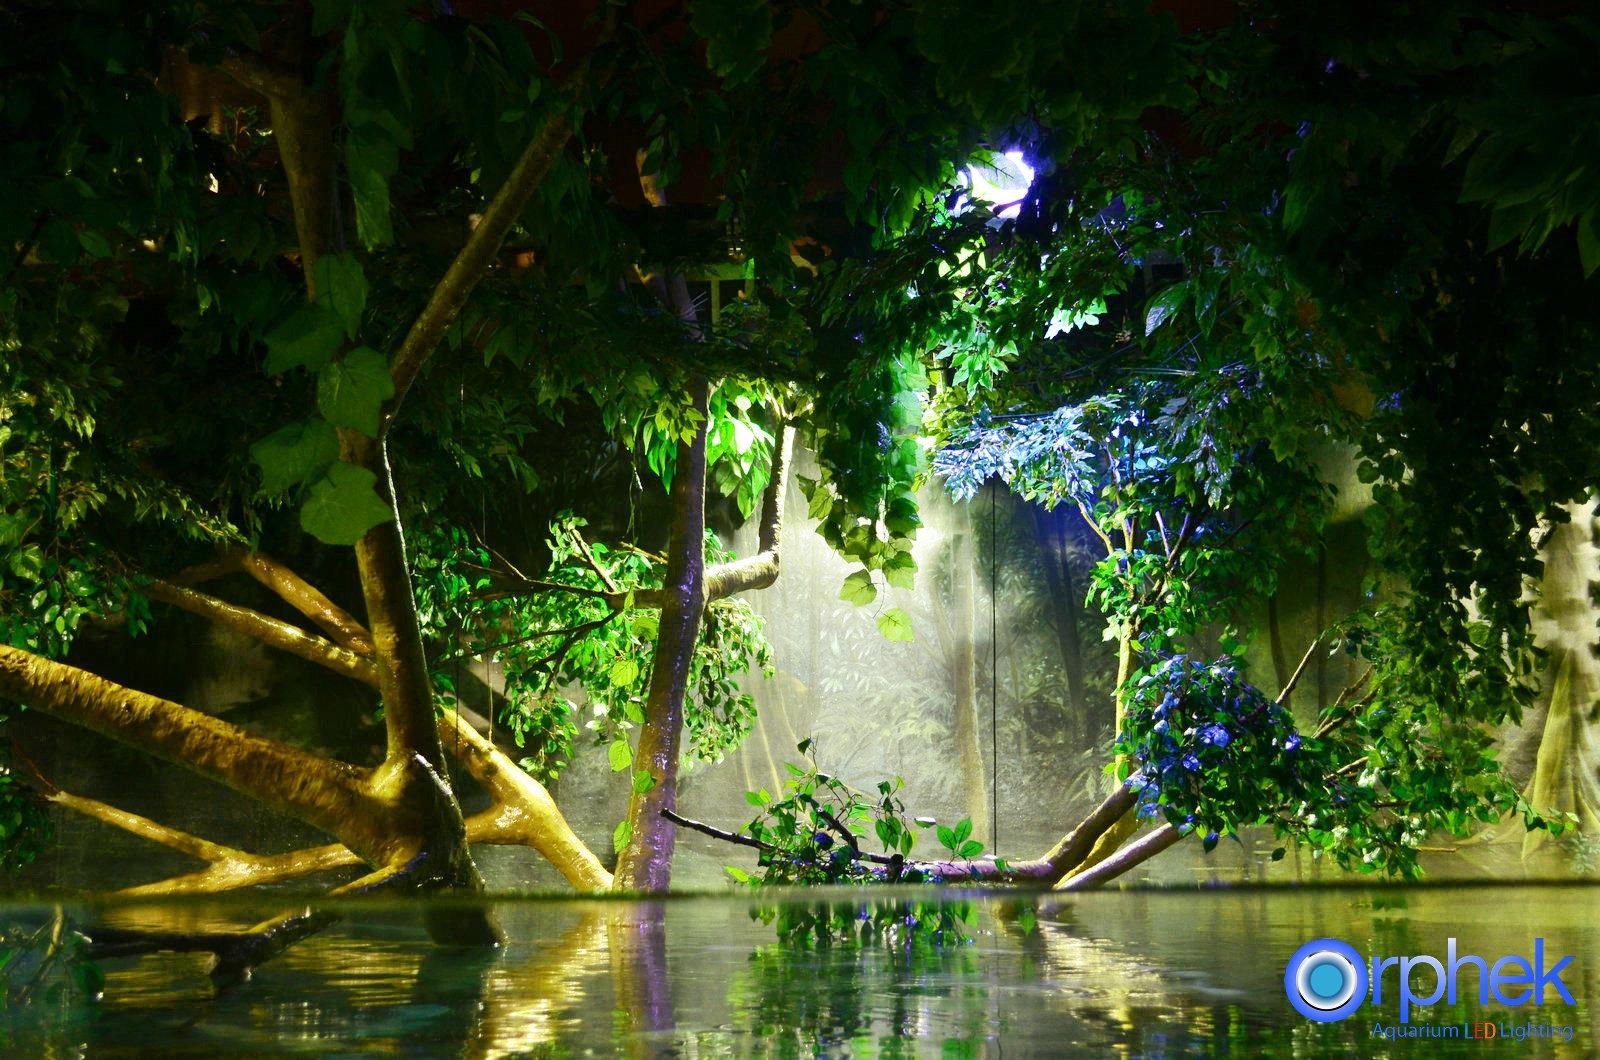 Rain hutan akuarium awam